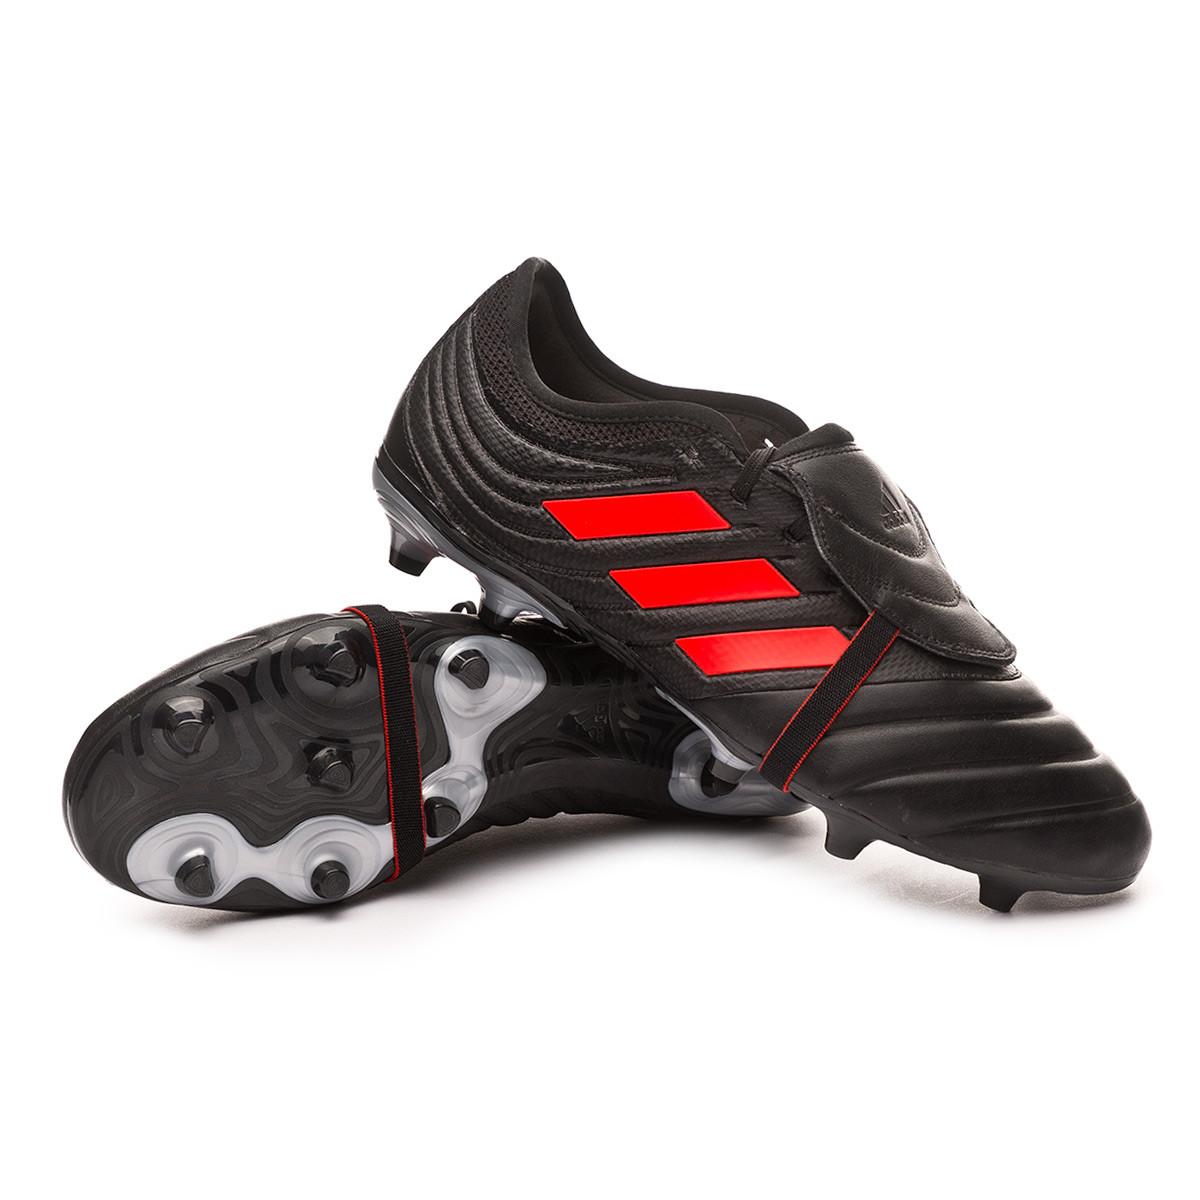 elección Vacío foso  Football Boots adidas Copa Gloro 19.2 FG Solar Red-Core black - Football  store Fútbol Emotion